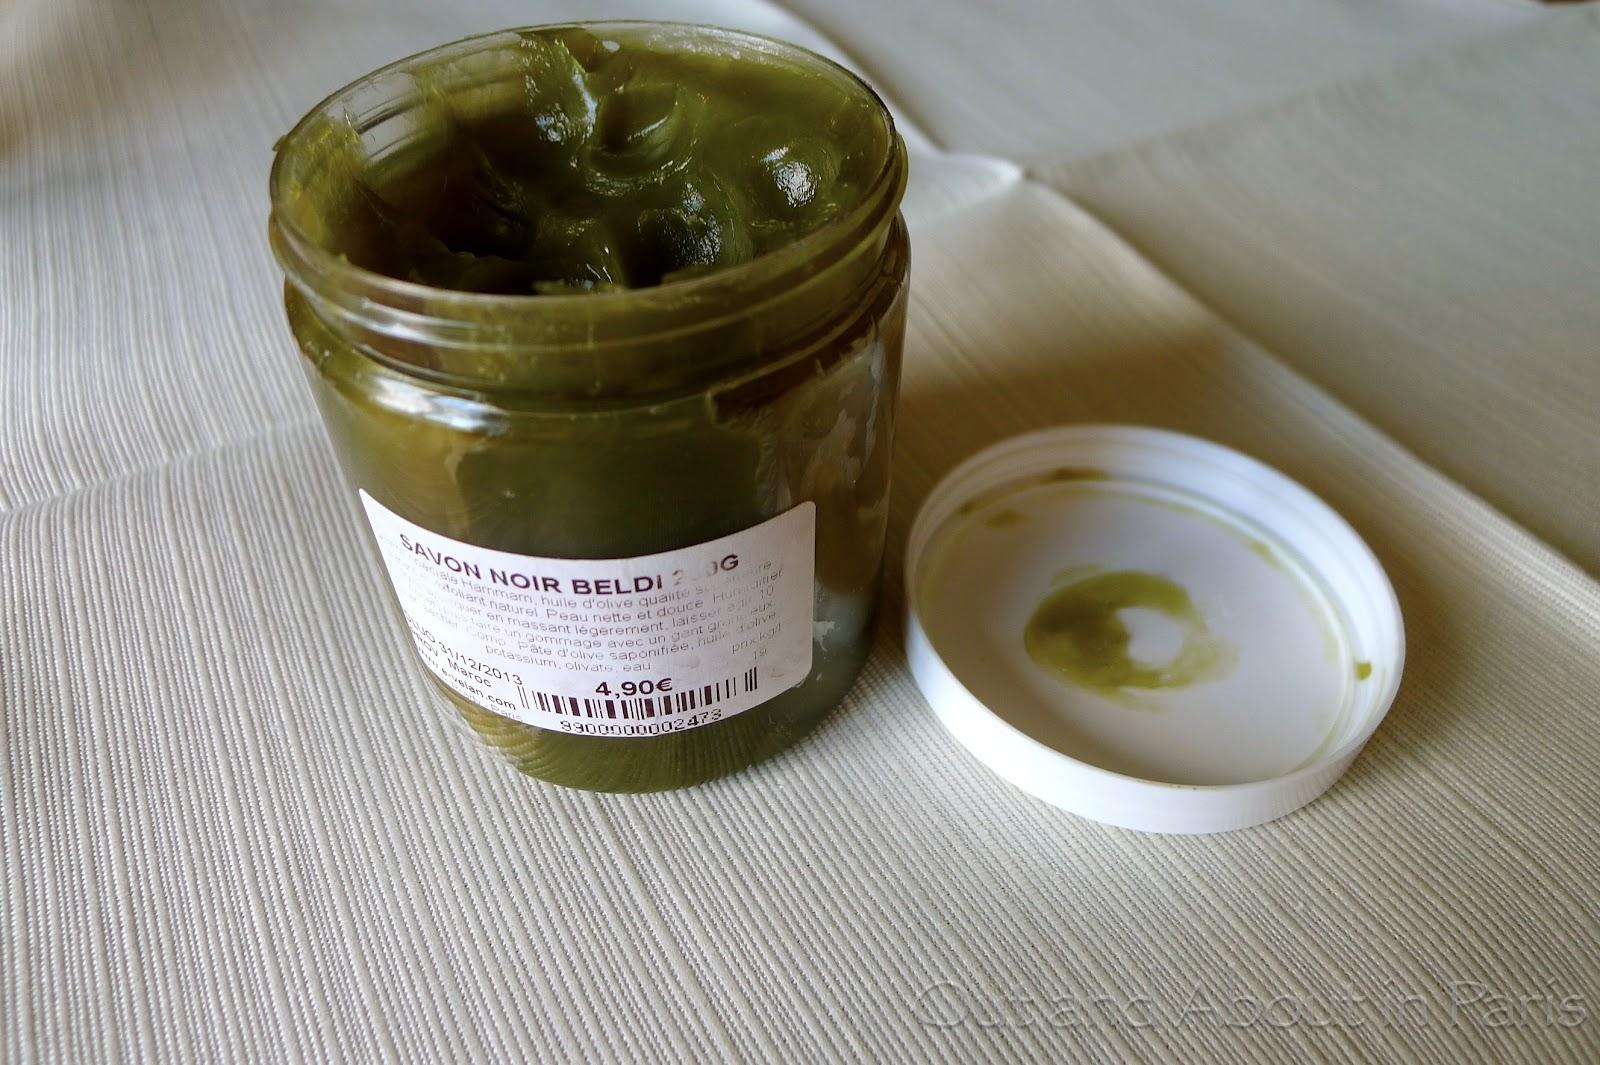 green goop also known as savon noir beldi. Black Bedroom Furniture Sets. Home Design Ideas